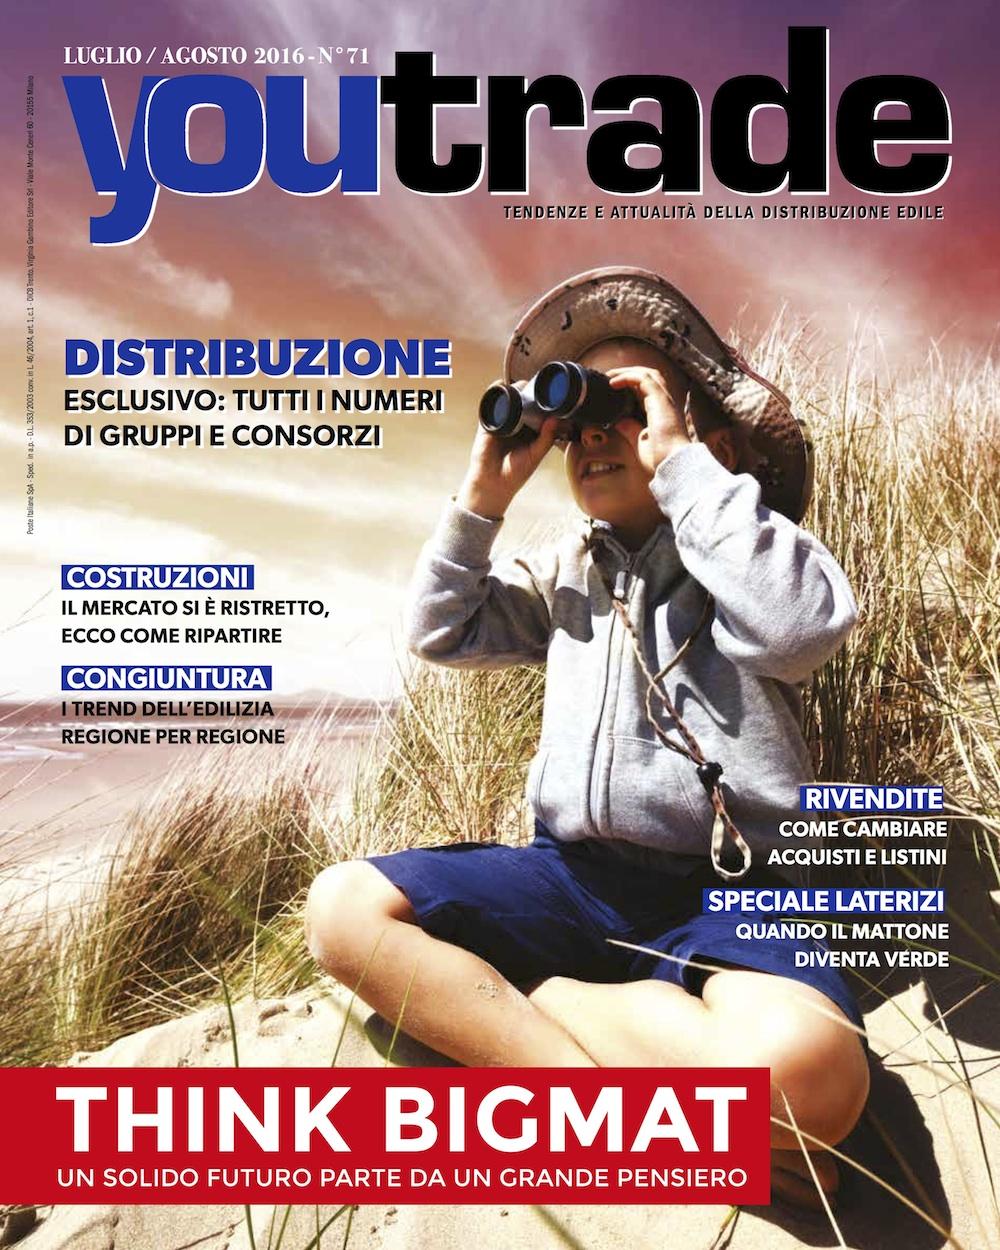 youtrade cover luglio-agosto